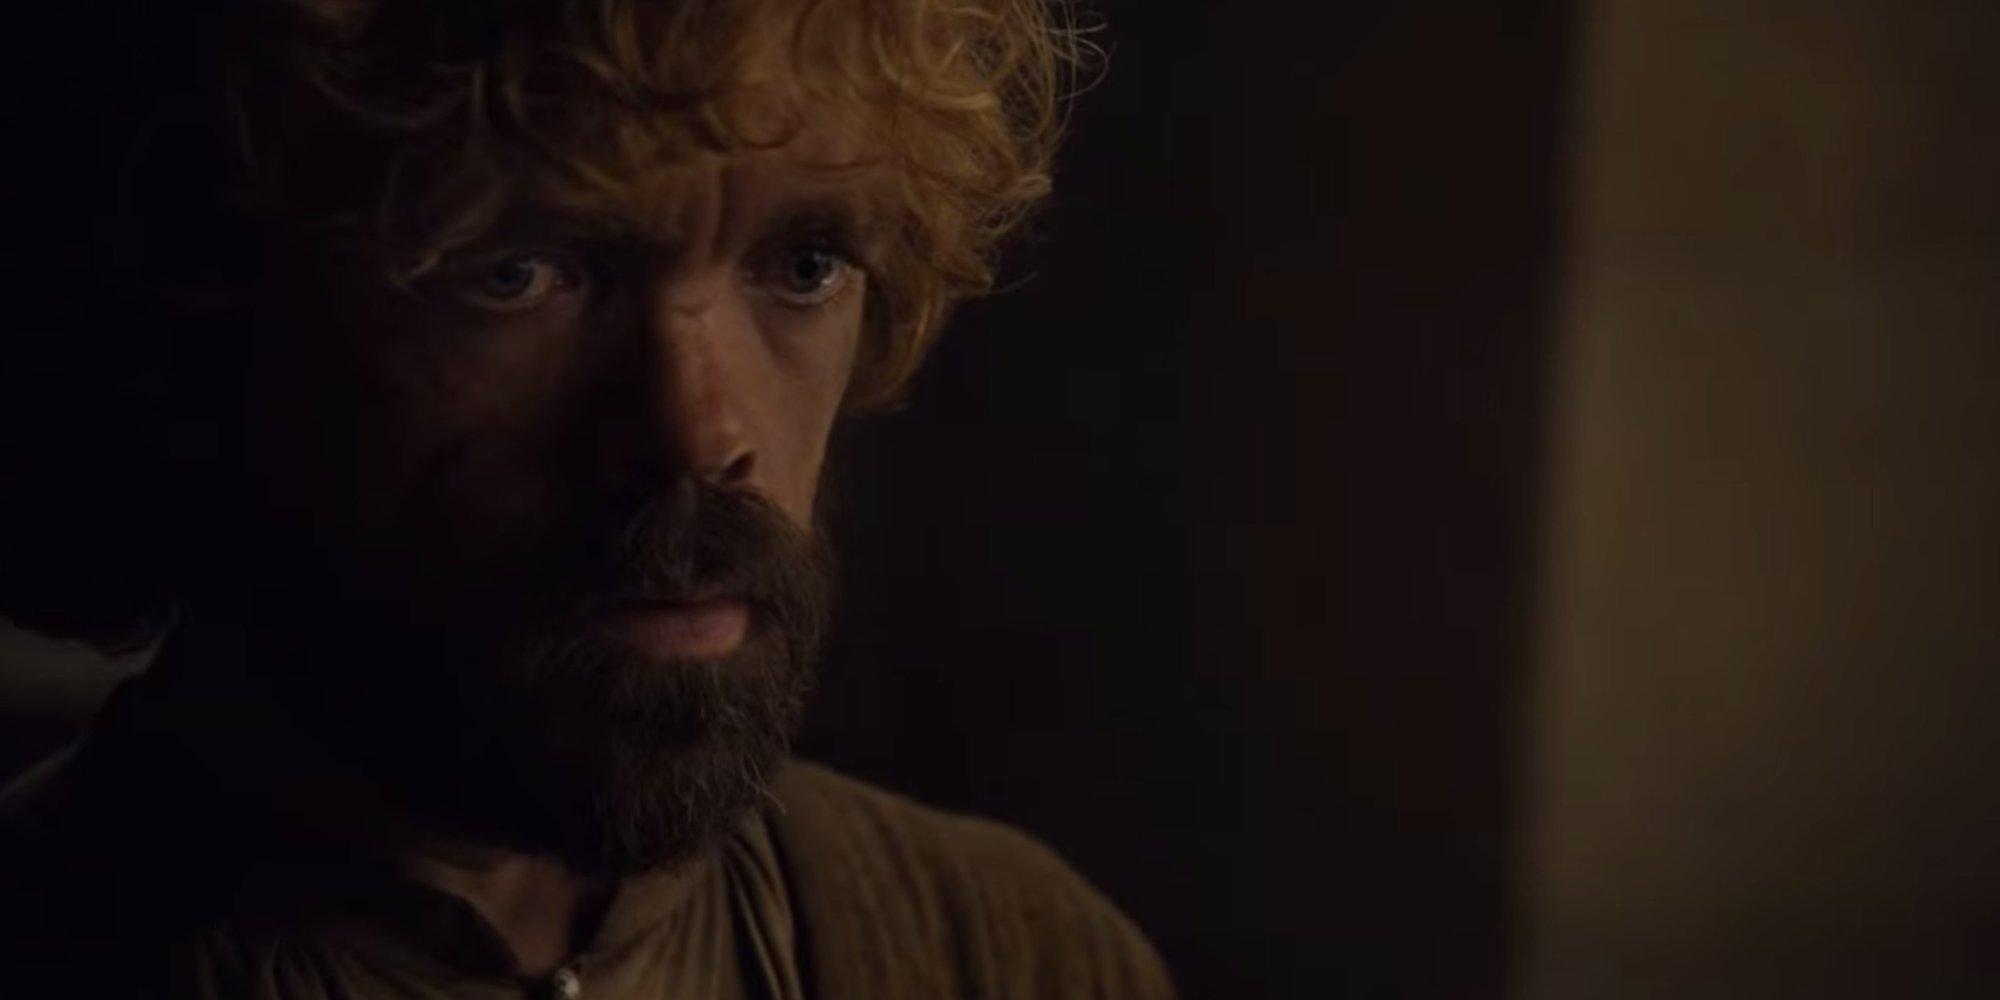 Game of Thrones season 7 premiere live stream: Watch online